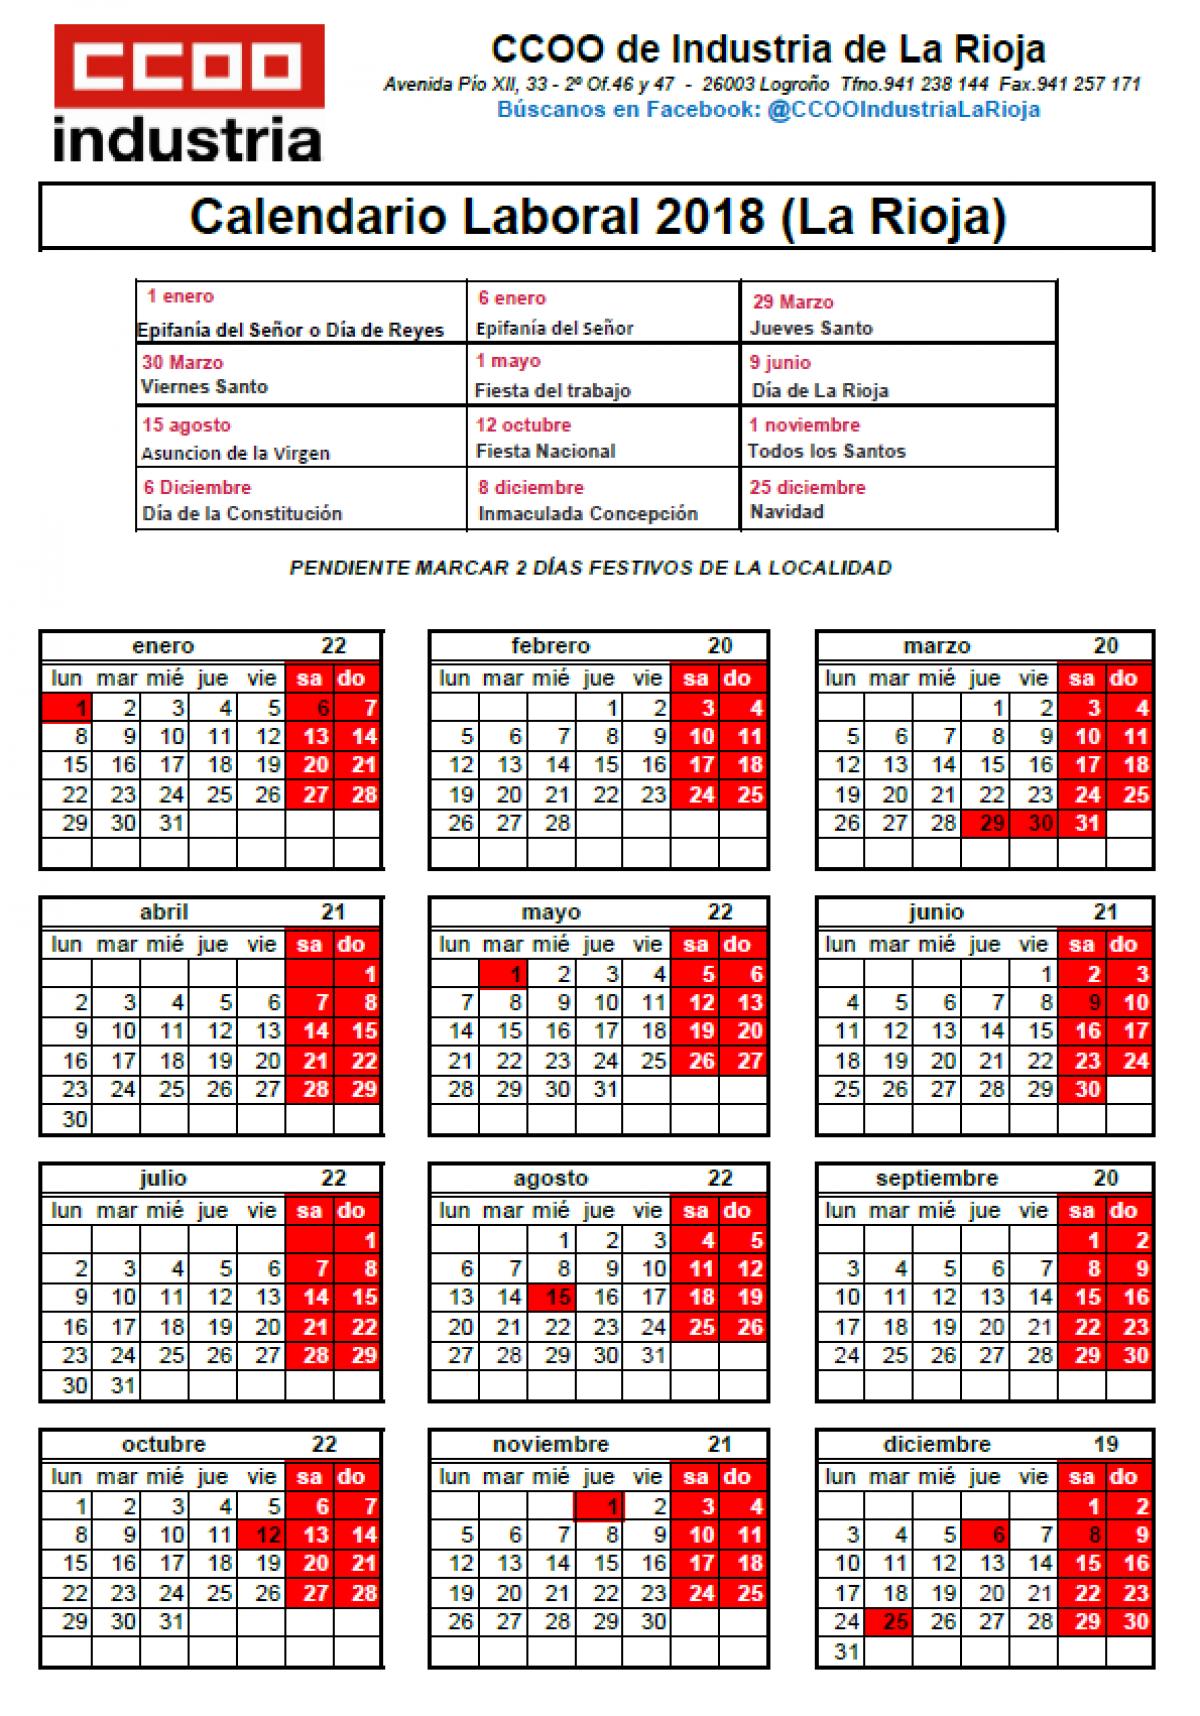 Calendario Laboral Pontevedra 2020.Ccoo De Industria La Rioja